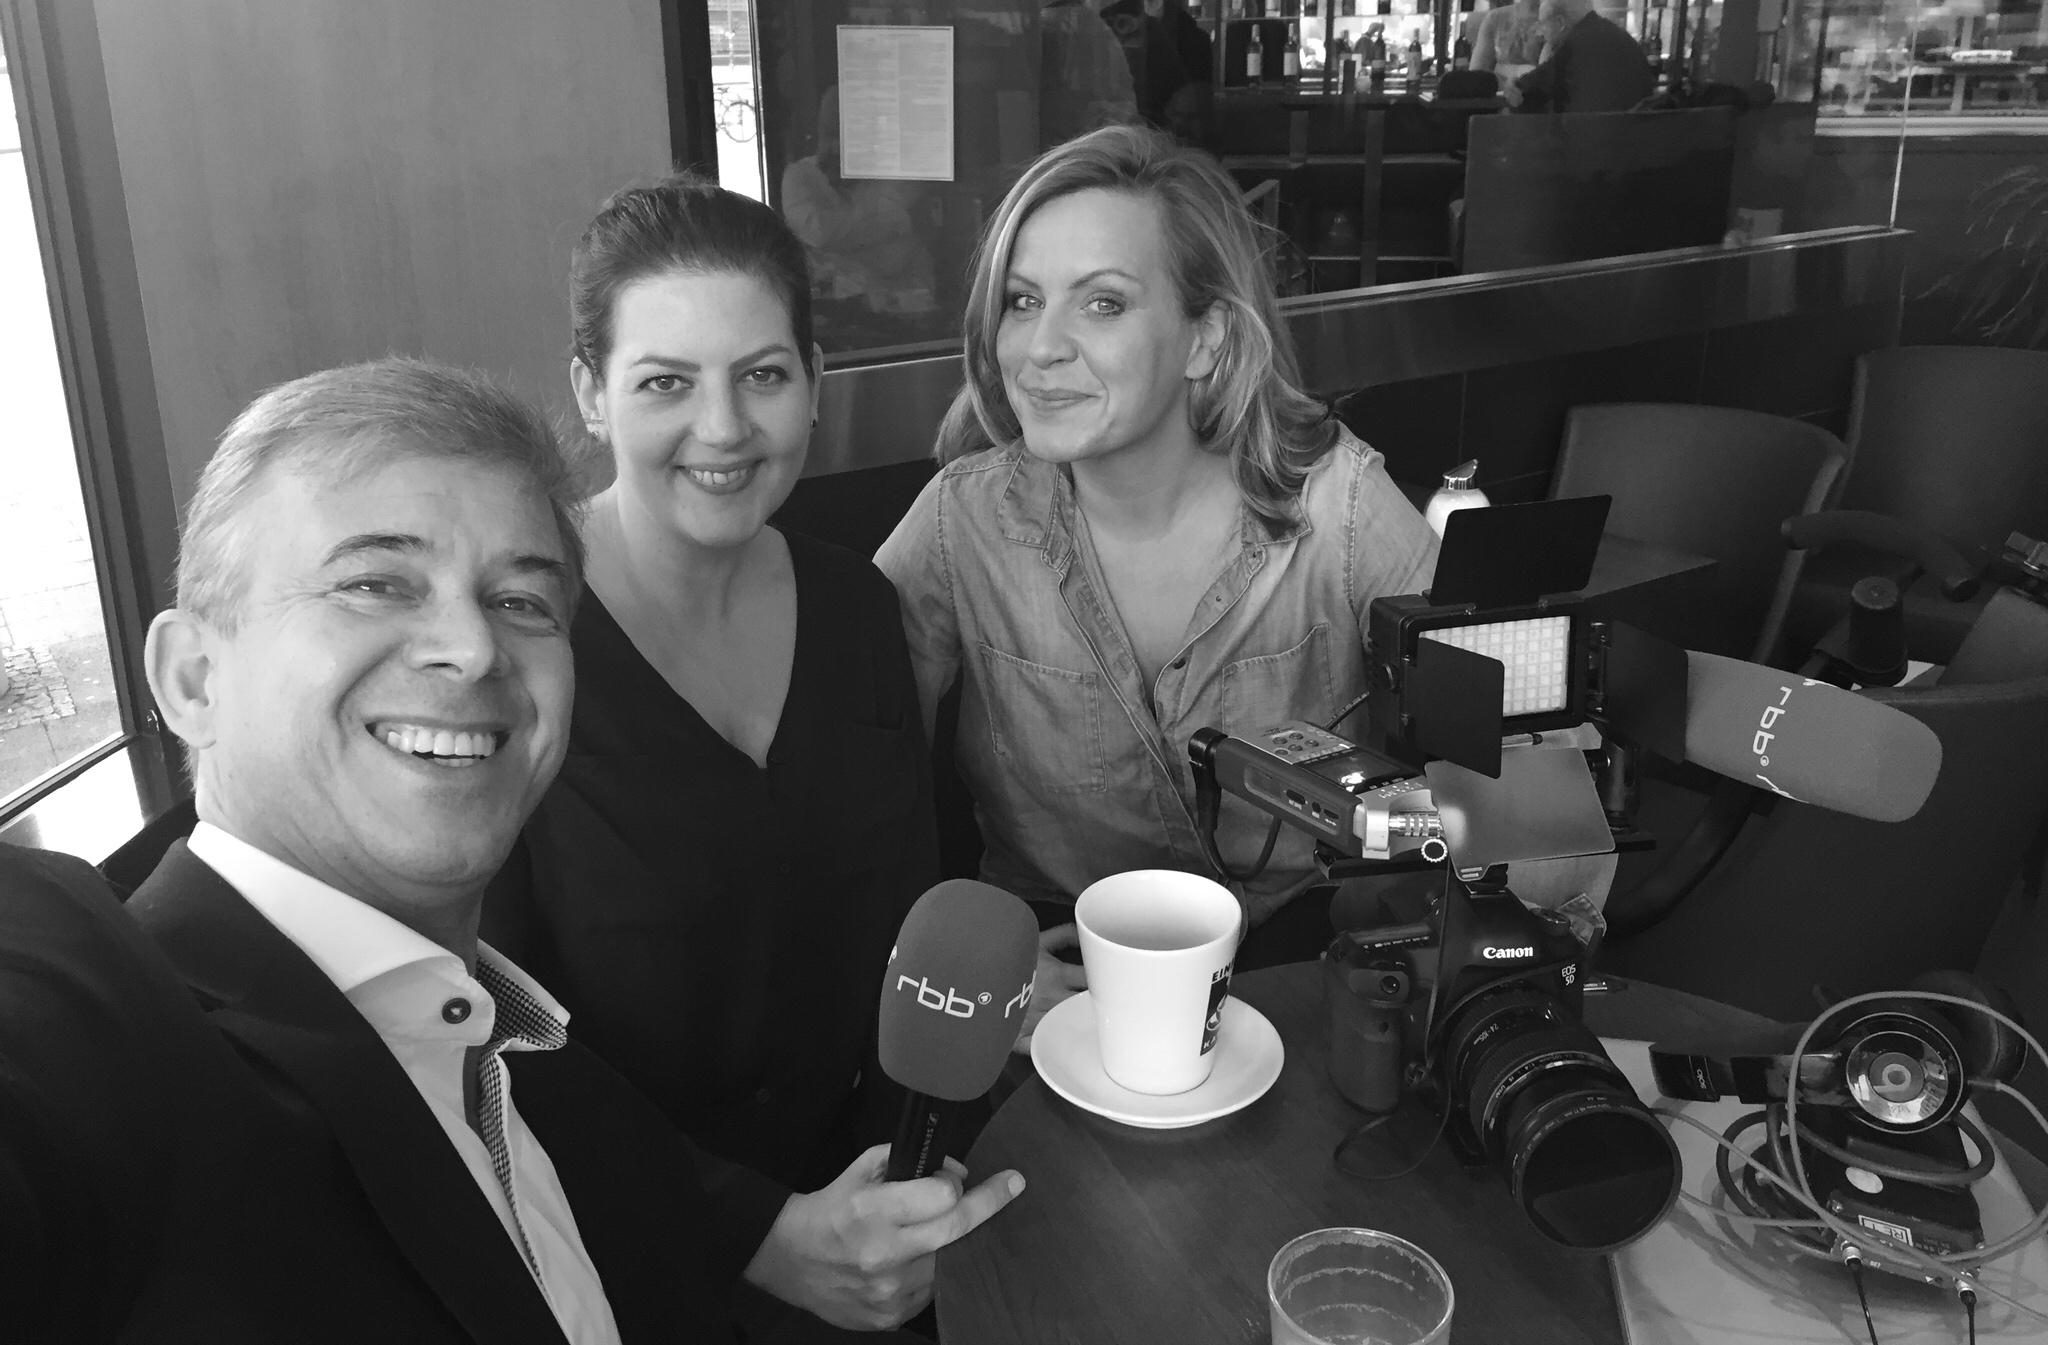 Bild: Janna Falkenstein, Steffi Stoye, Karsten Noack. Was wir von George Clooney's Körpersprache lernen können